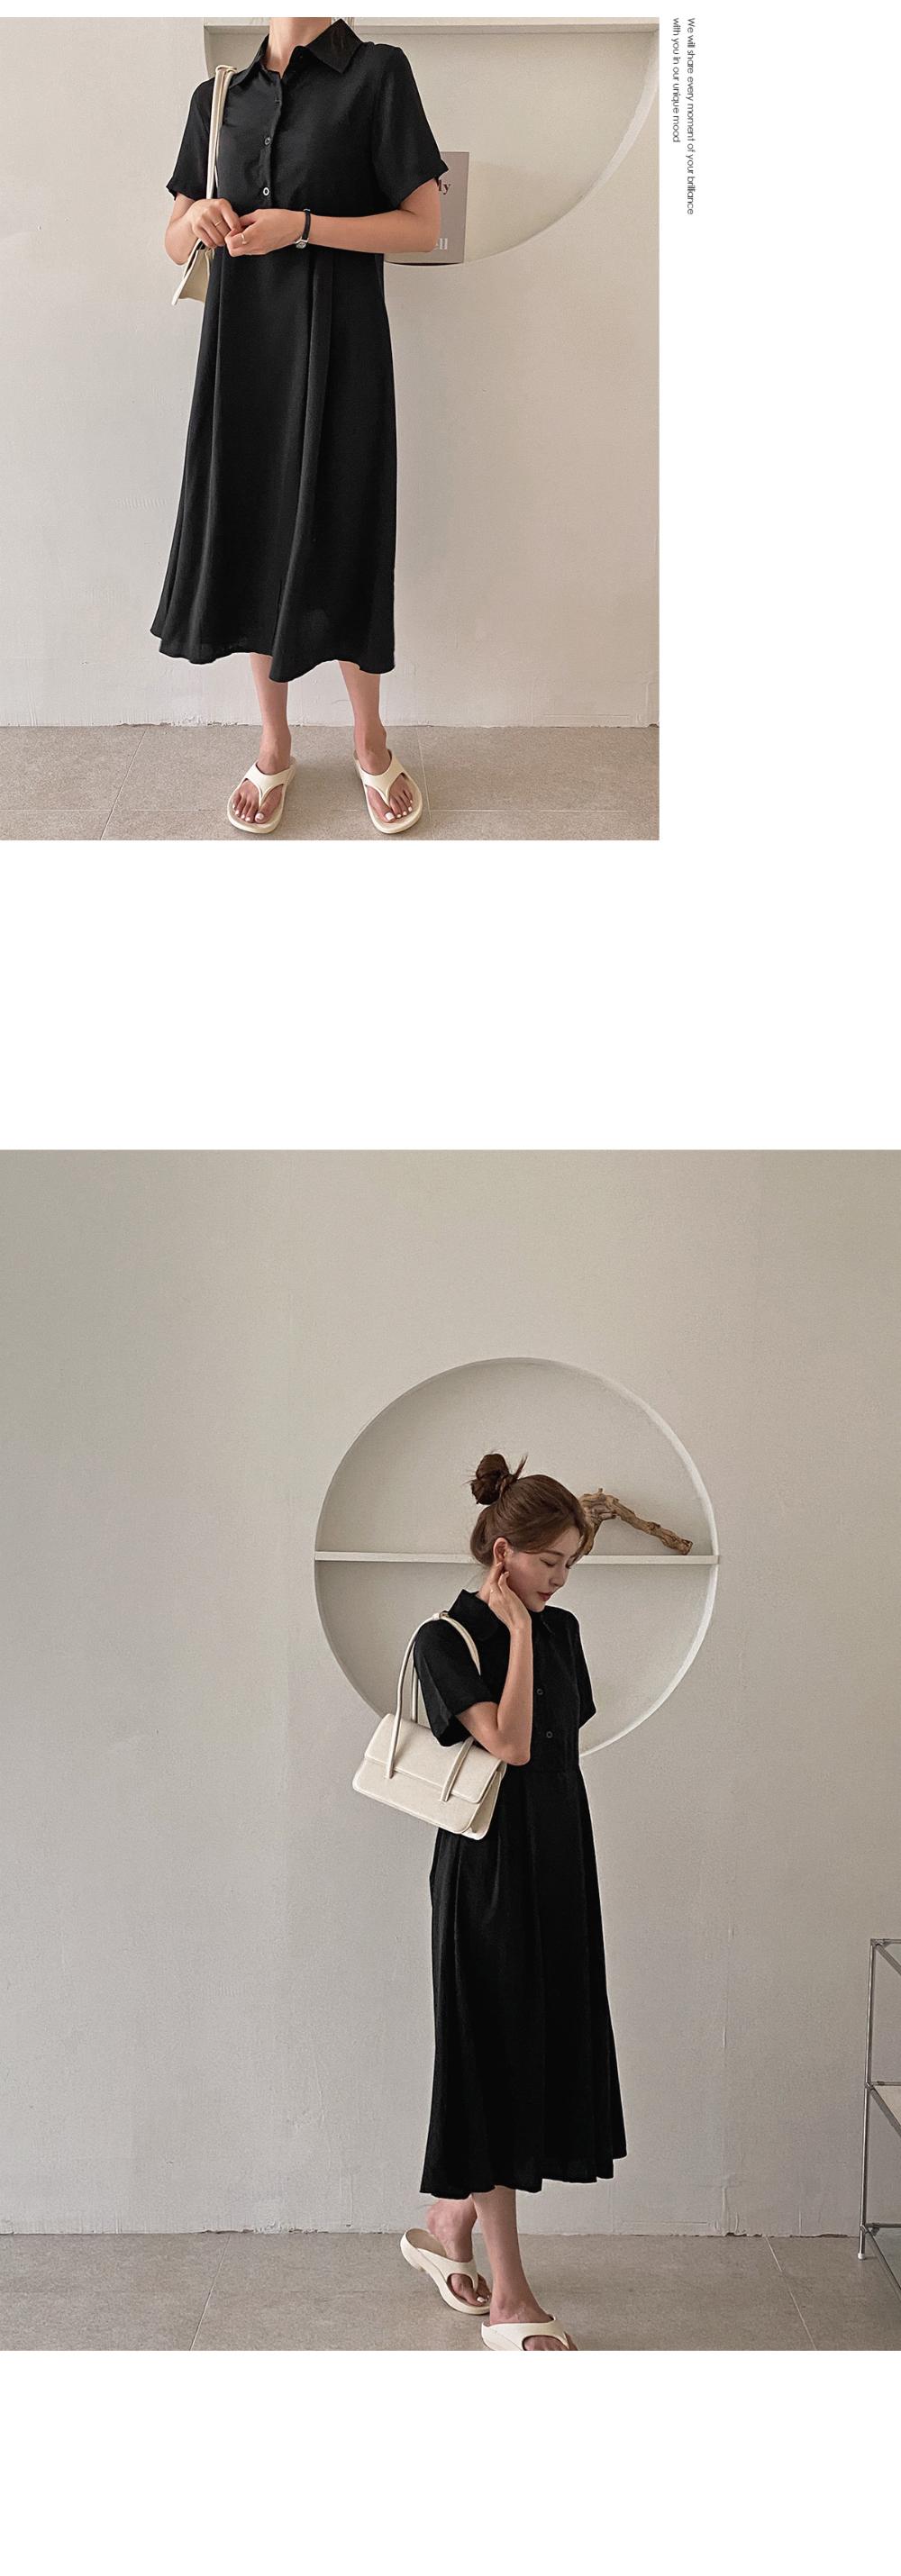 드레스 모델 착용 이미지-S1L18